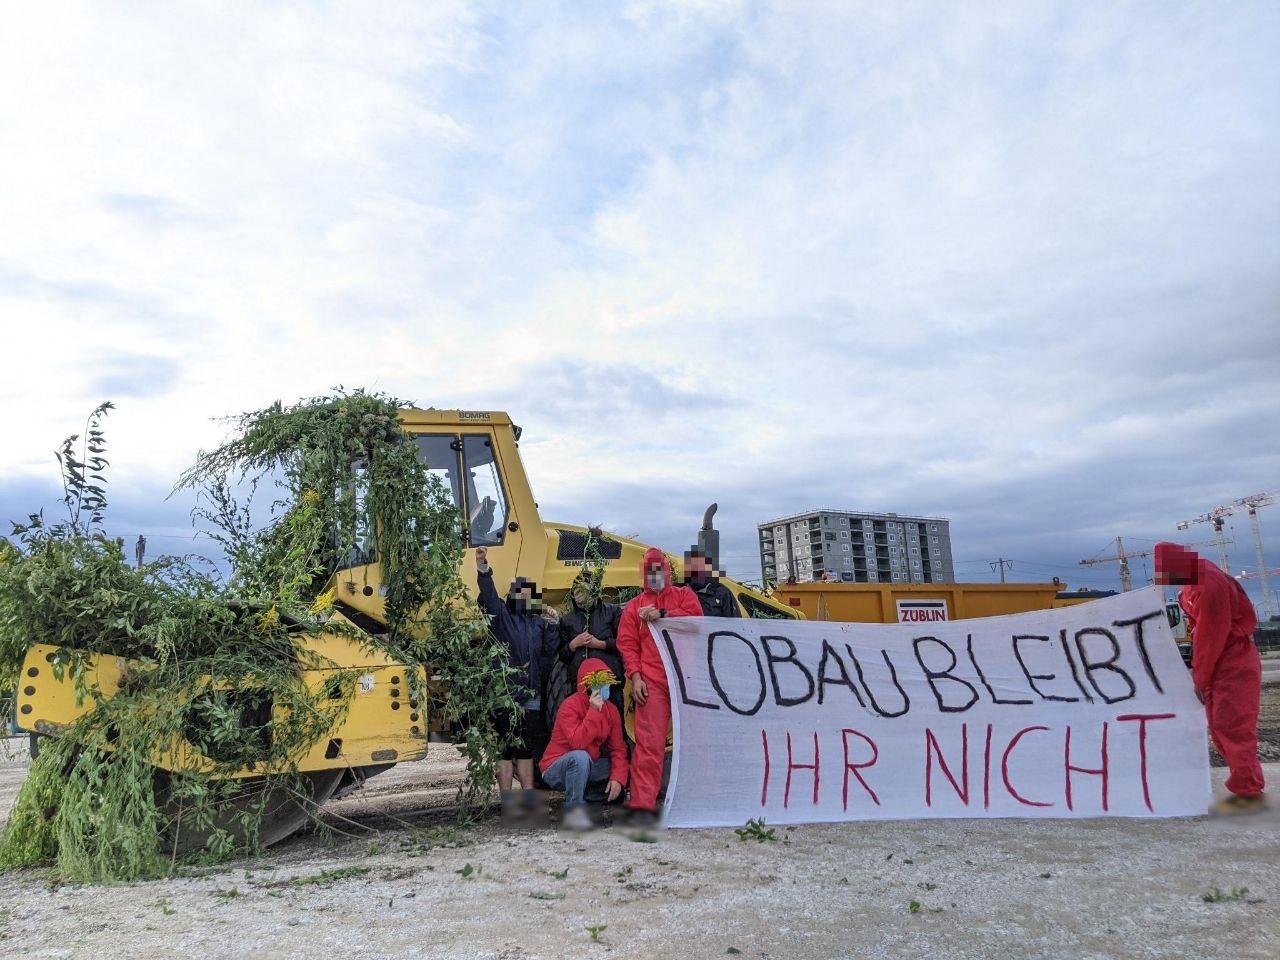 """Aktivistis stehen vor begrüntem Bagger mit Banner auf dem """"Lobau bleibt - ihr nicht"""" steht"""